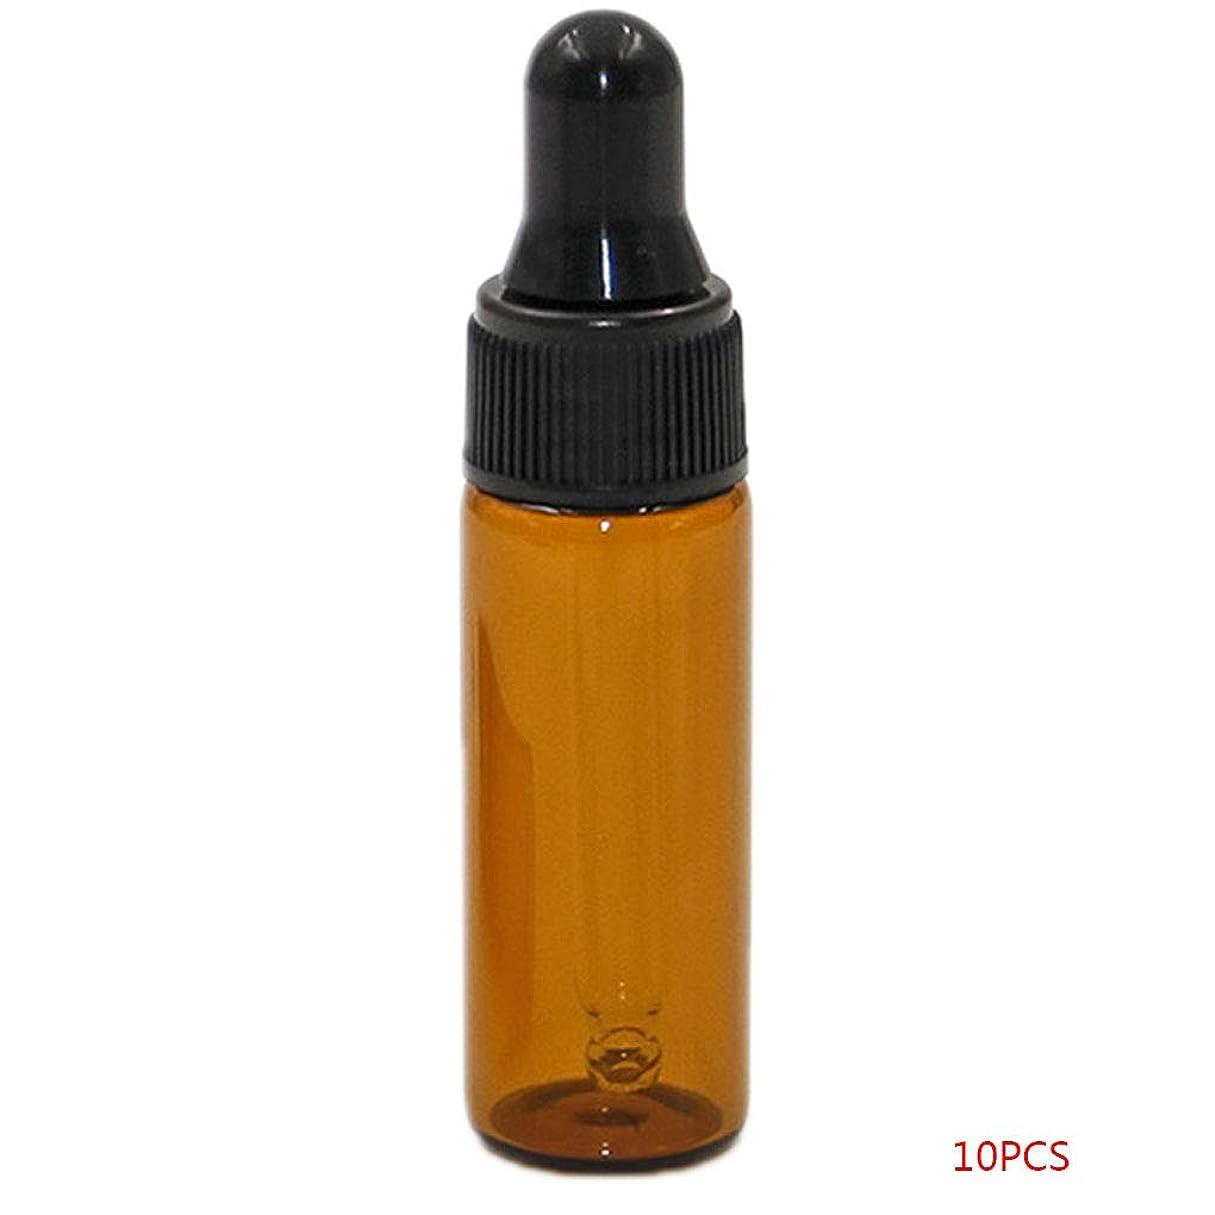 固執順番推測するTopFires アロマオイル 精油 小分け用 遮光瓶 セット 茶 ガラス アロマ ボトル オイル 用 茶色 瓶 ビン エッセンシャルオイル 保存 詰替え 瓶 ビン